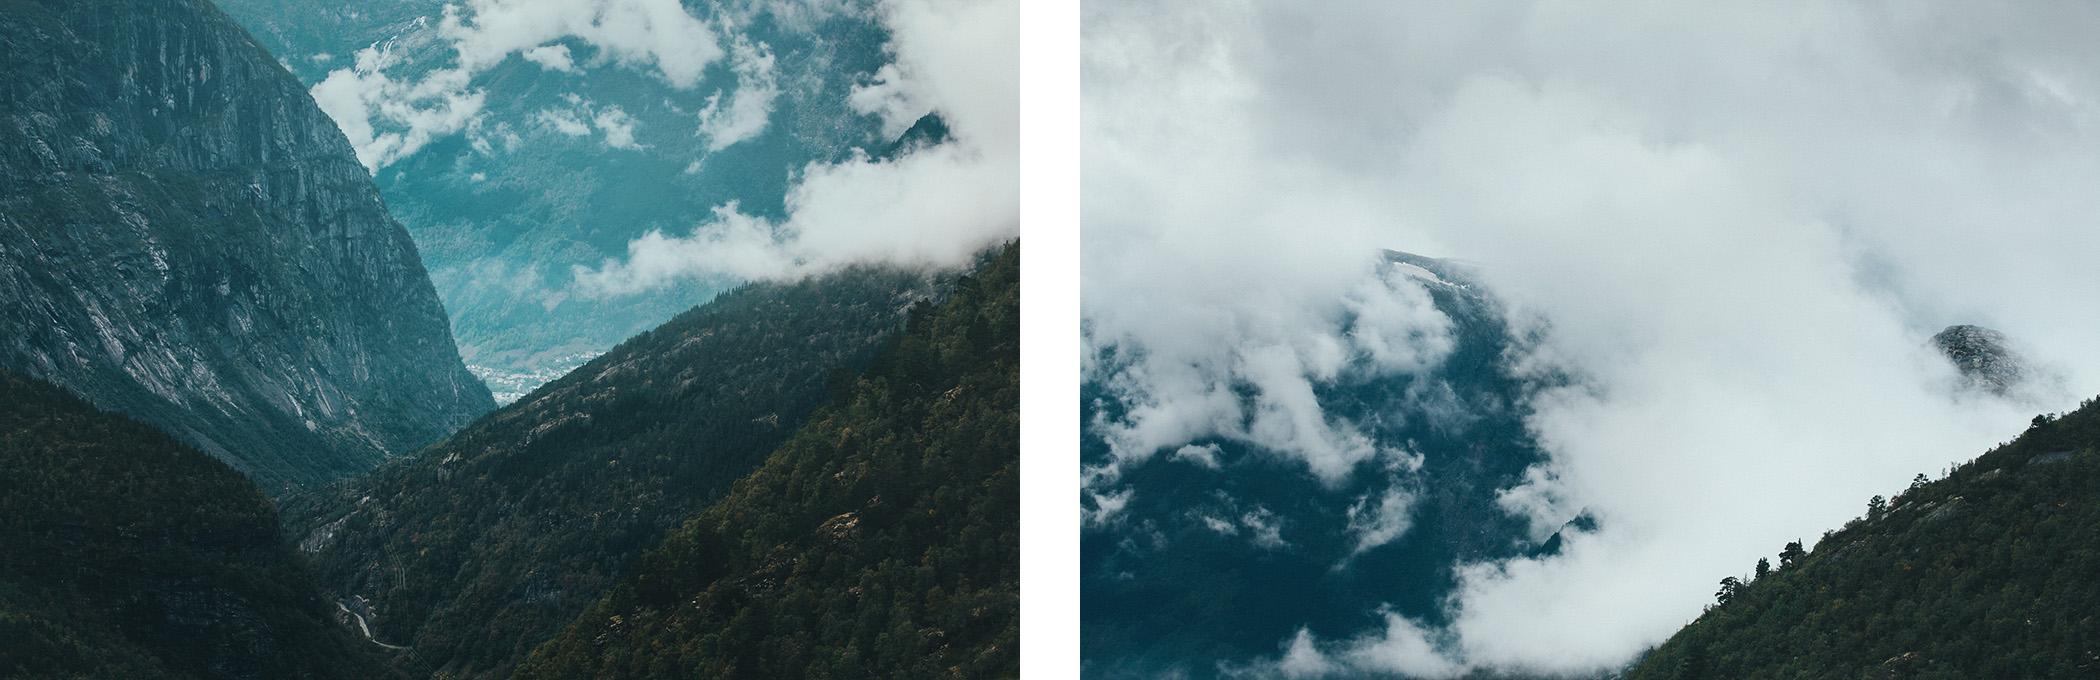 norweskie góry, widoki ze szlaku